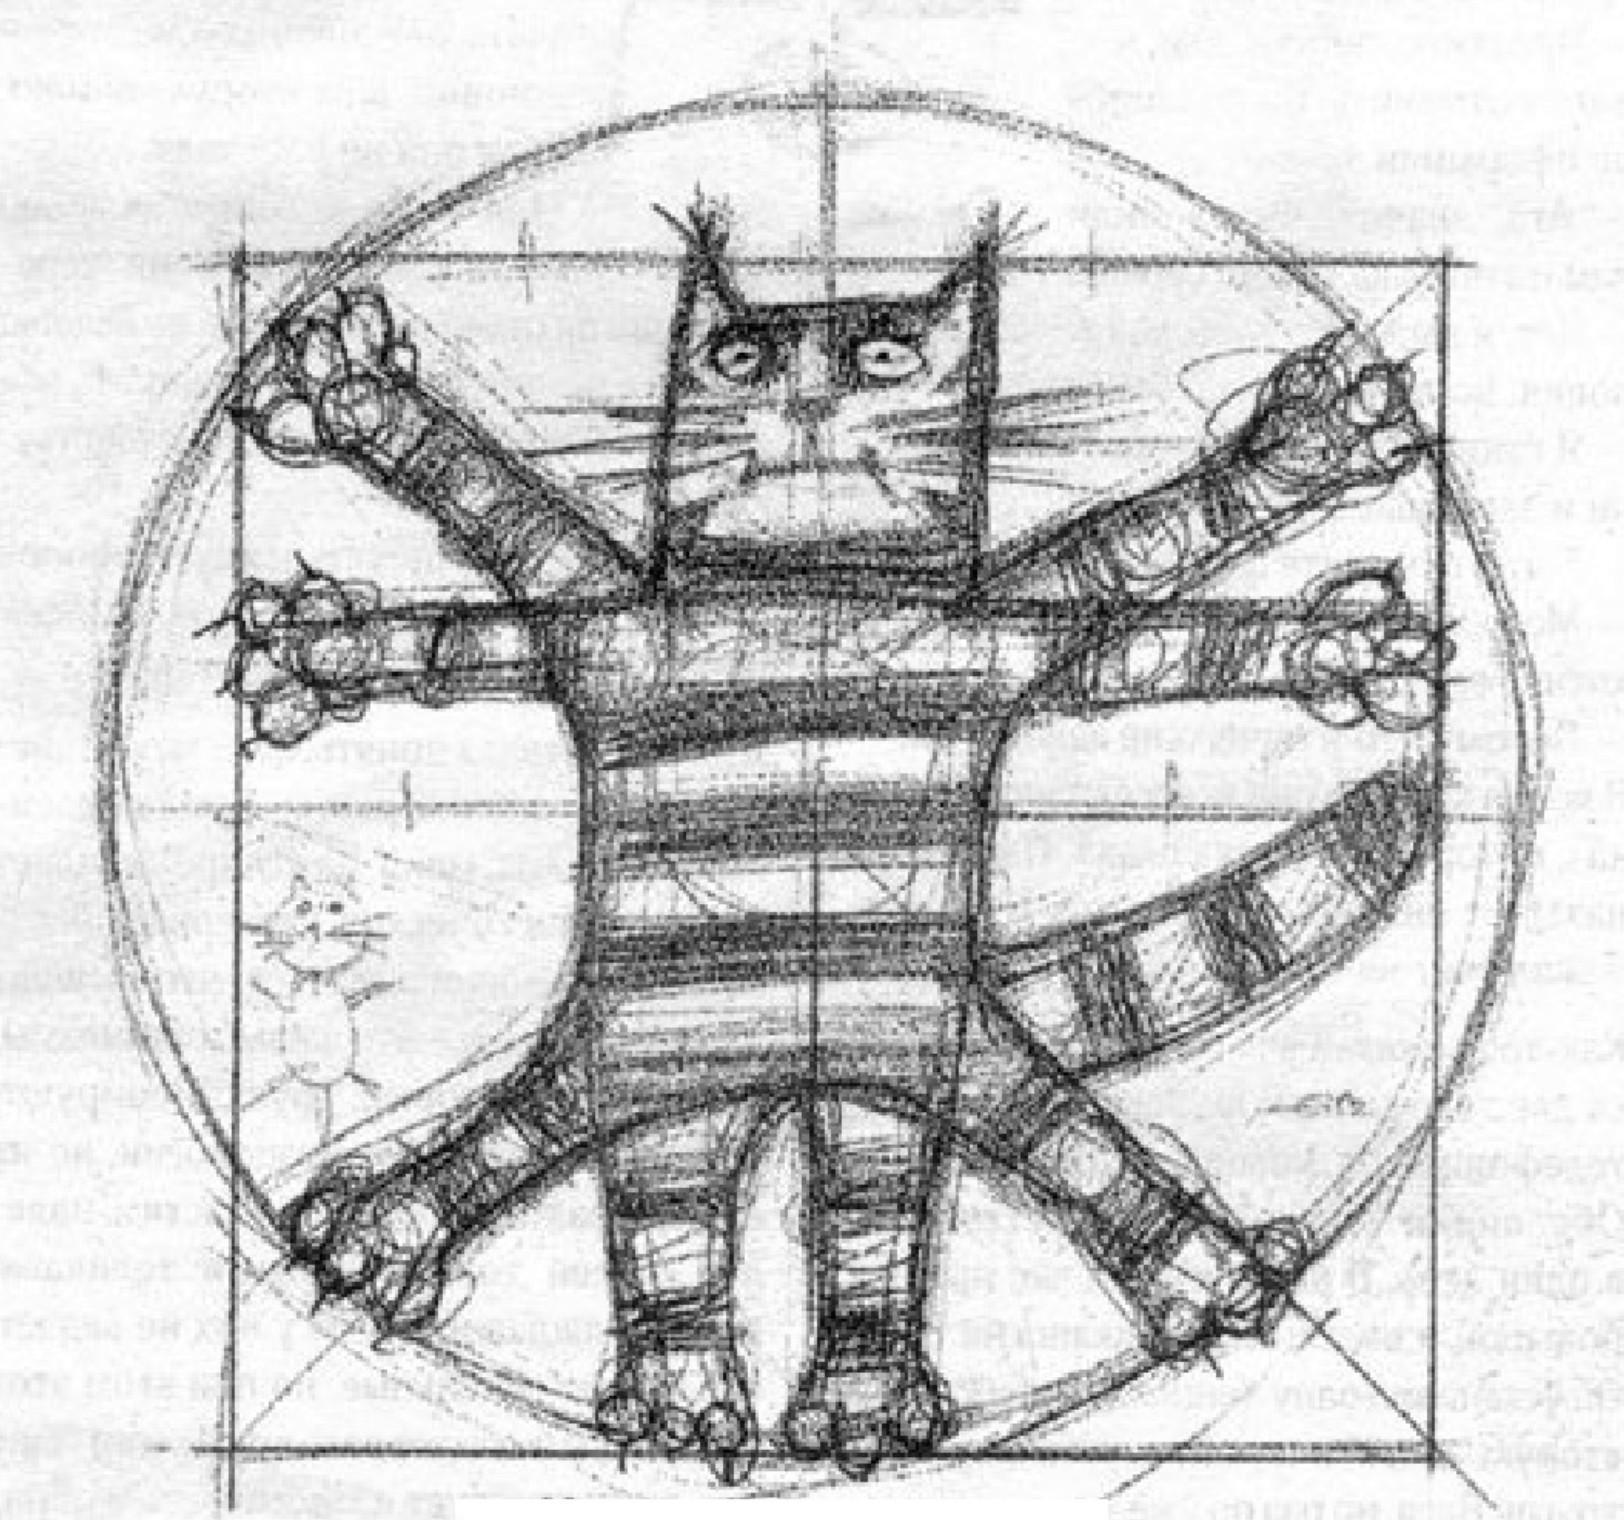 Gatto vitruviano